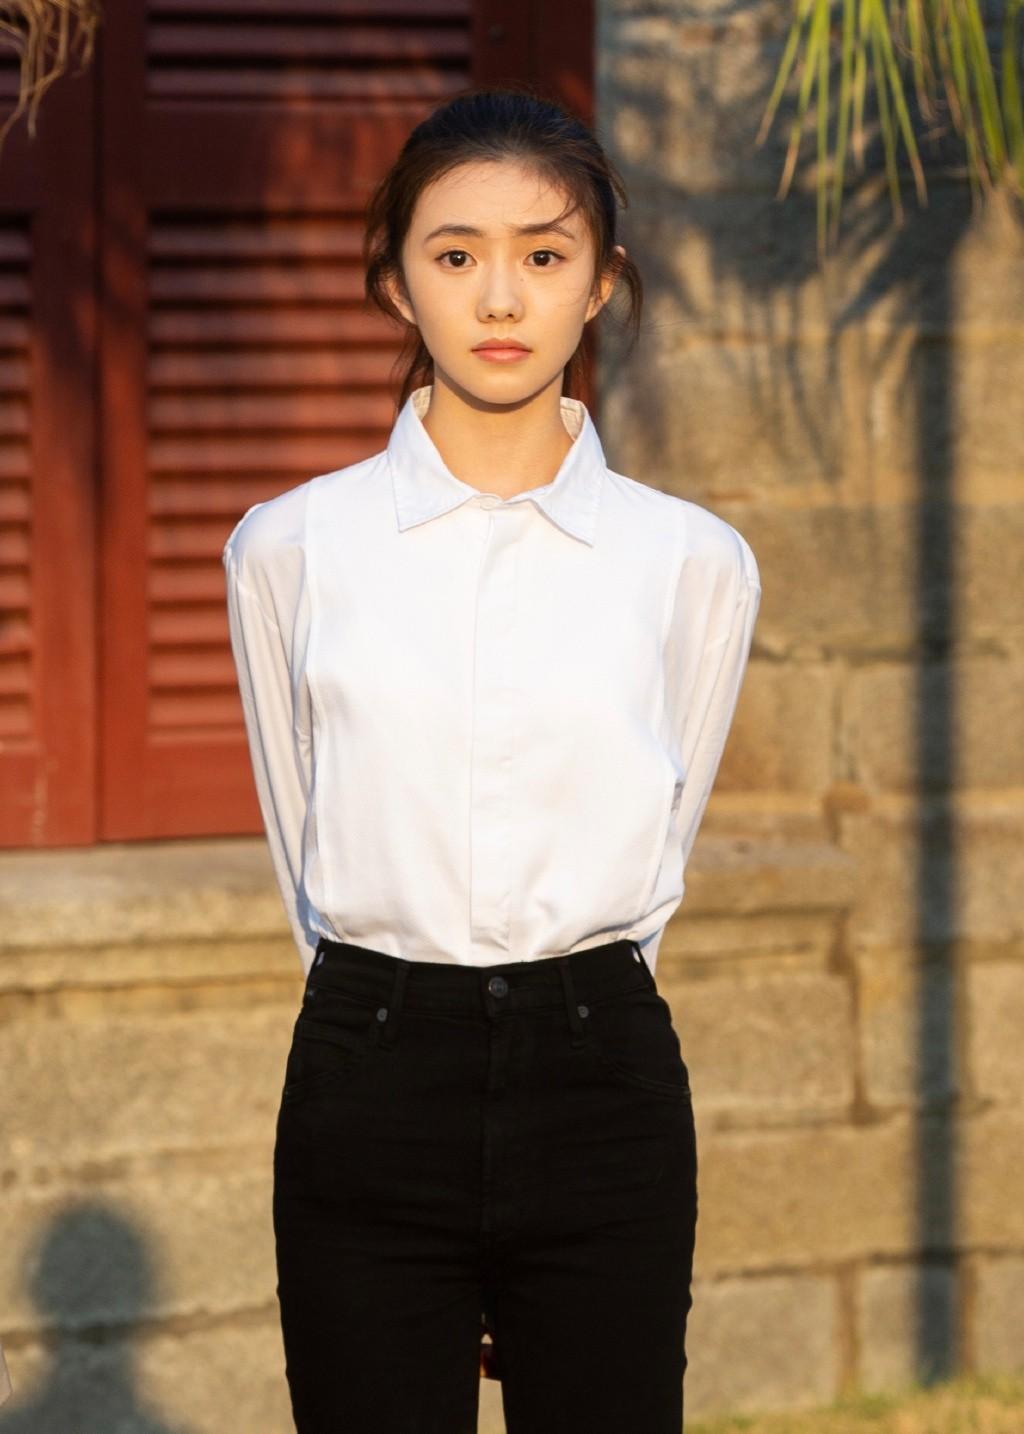 动漫古装美女_刘浩存简约白衬衫清纯校园写真图片,美女明星-靓丽图库